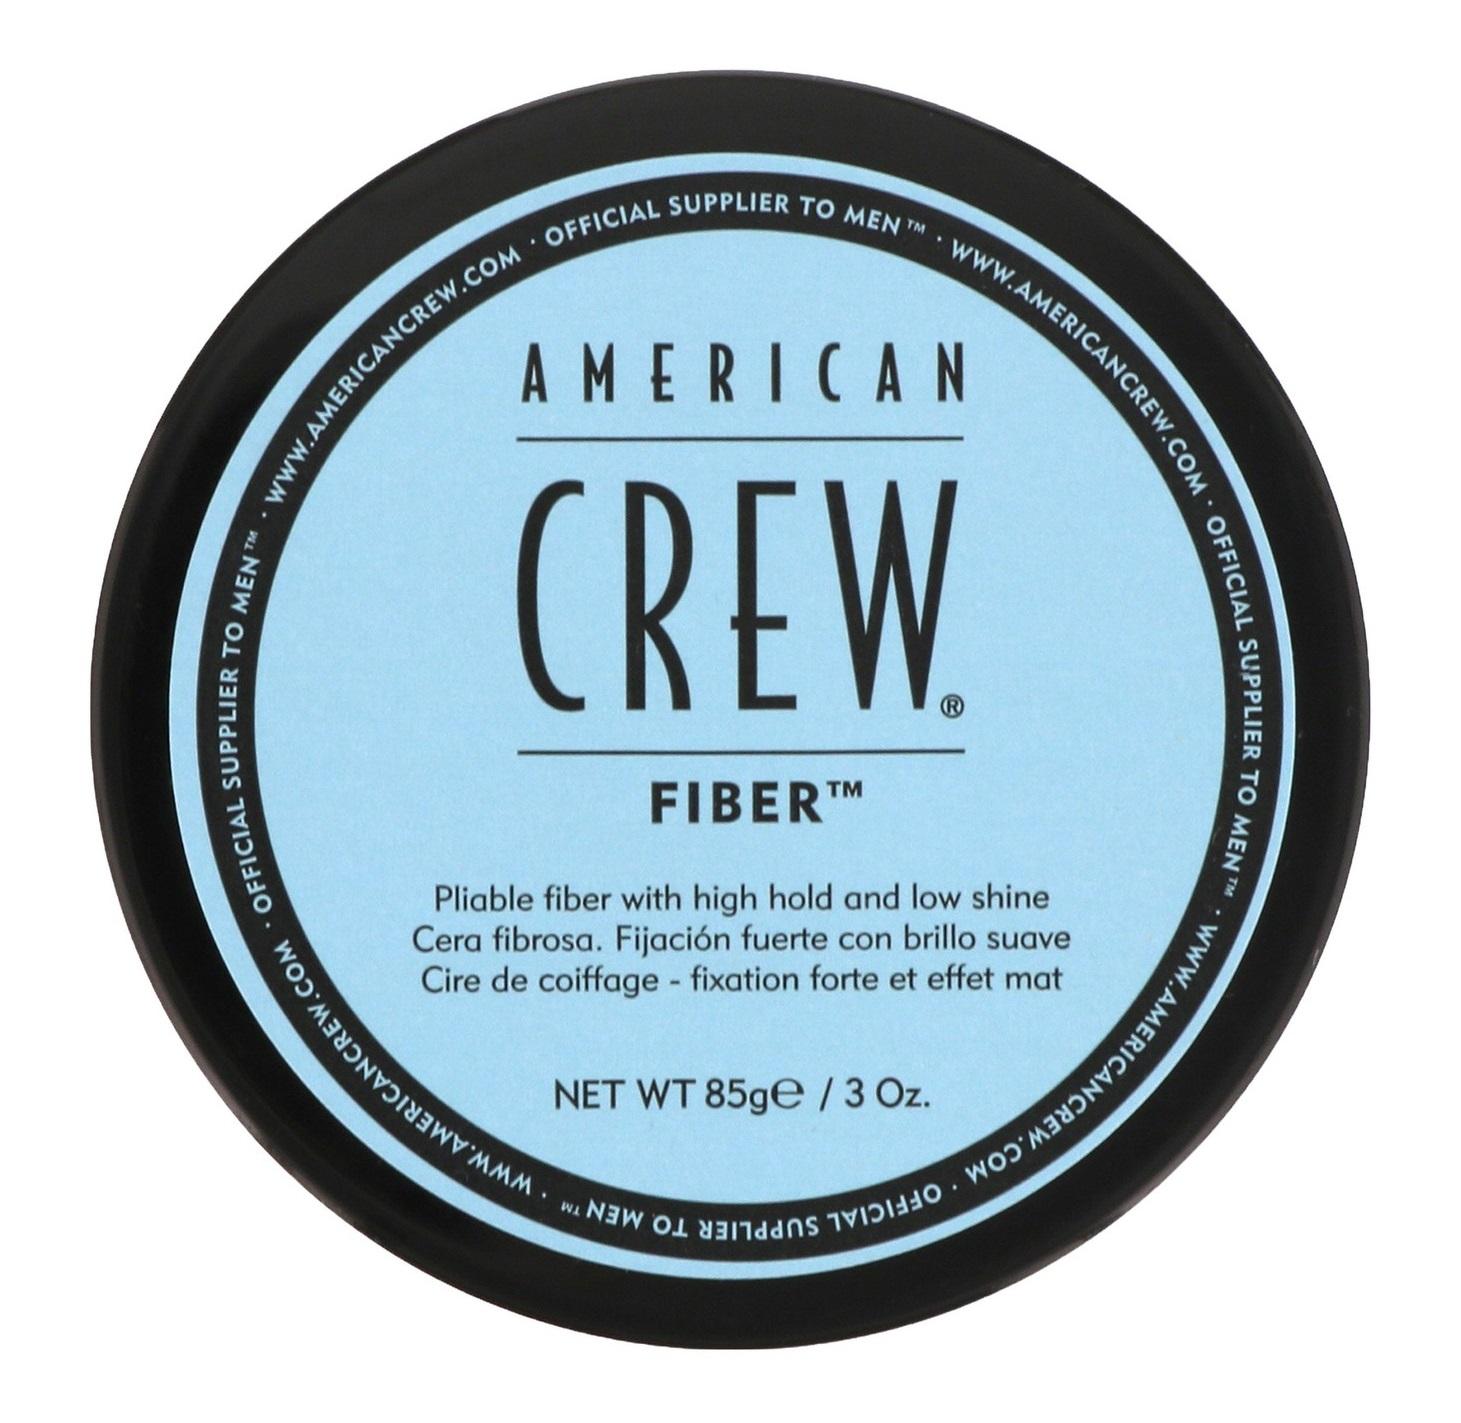 AMERICAN CREW Паста для укладки усов с низким уровнем блеска, для мужчин / FIBER 85 мл